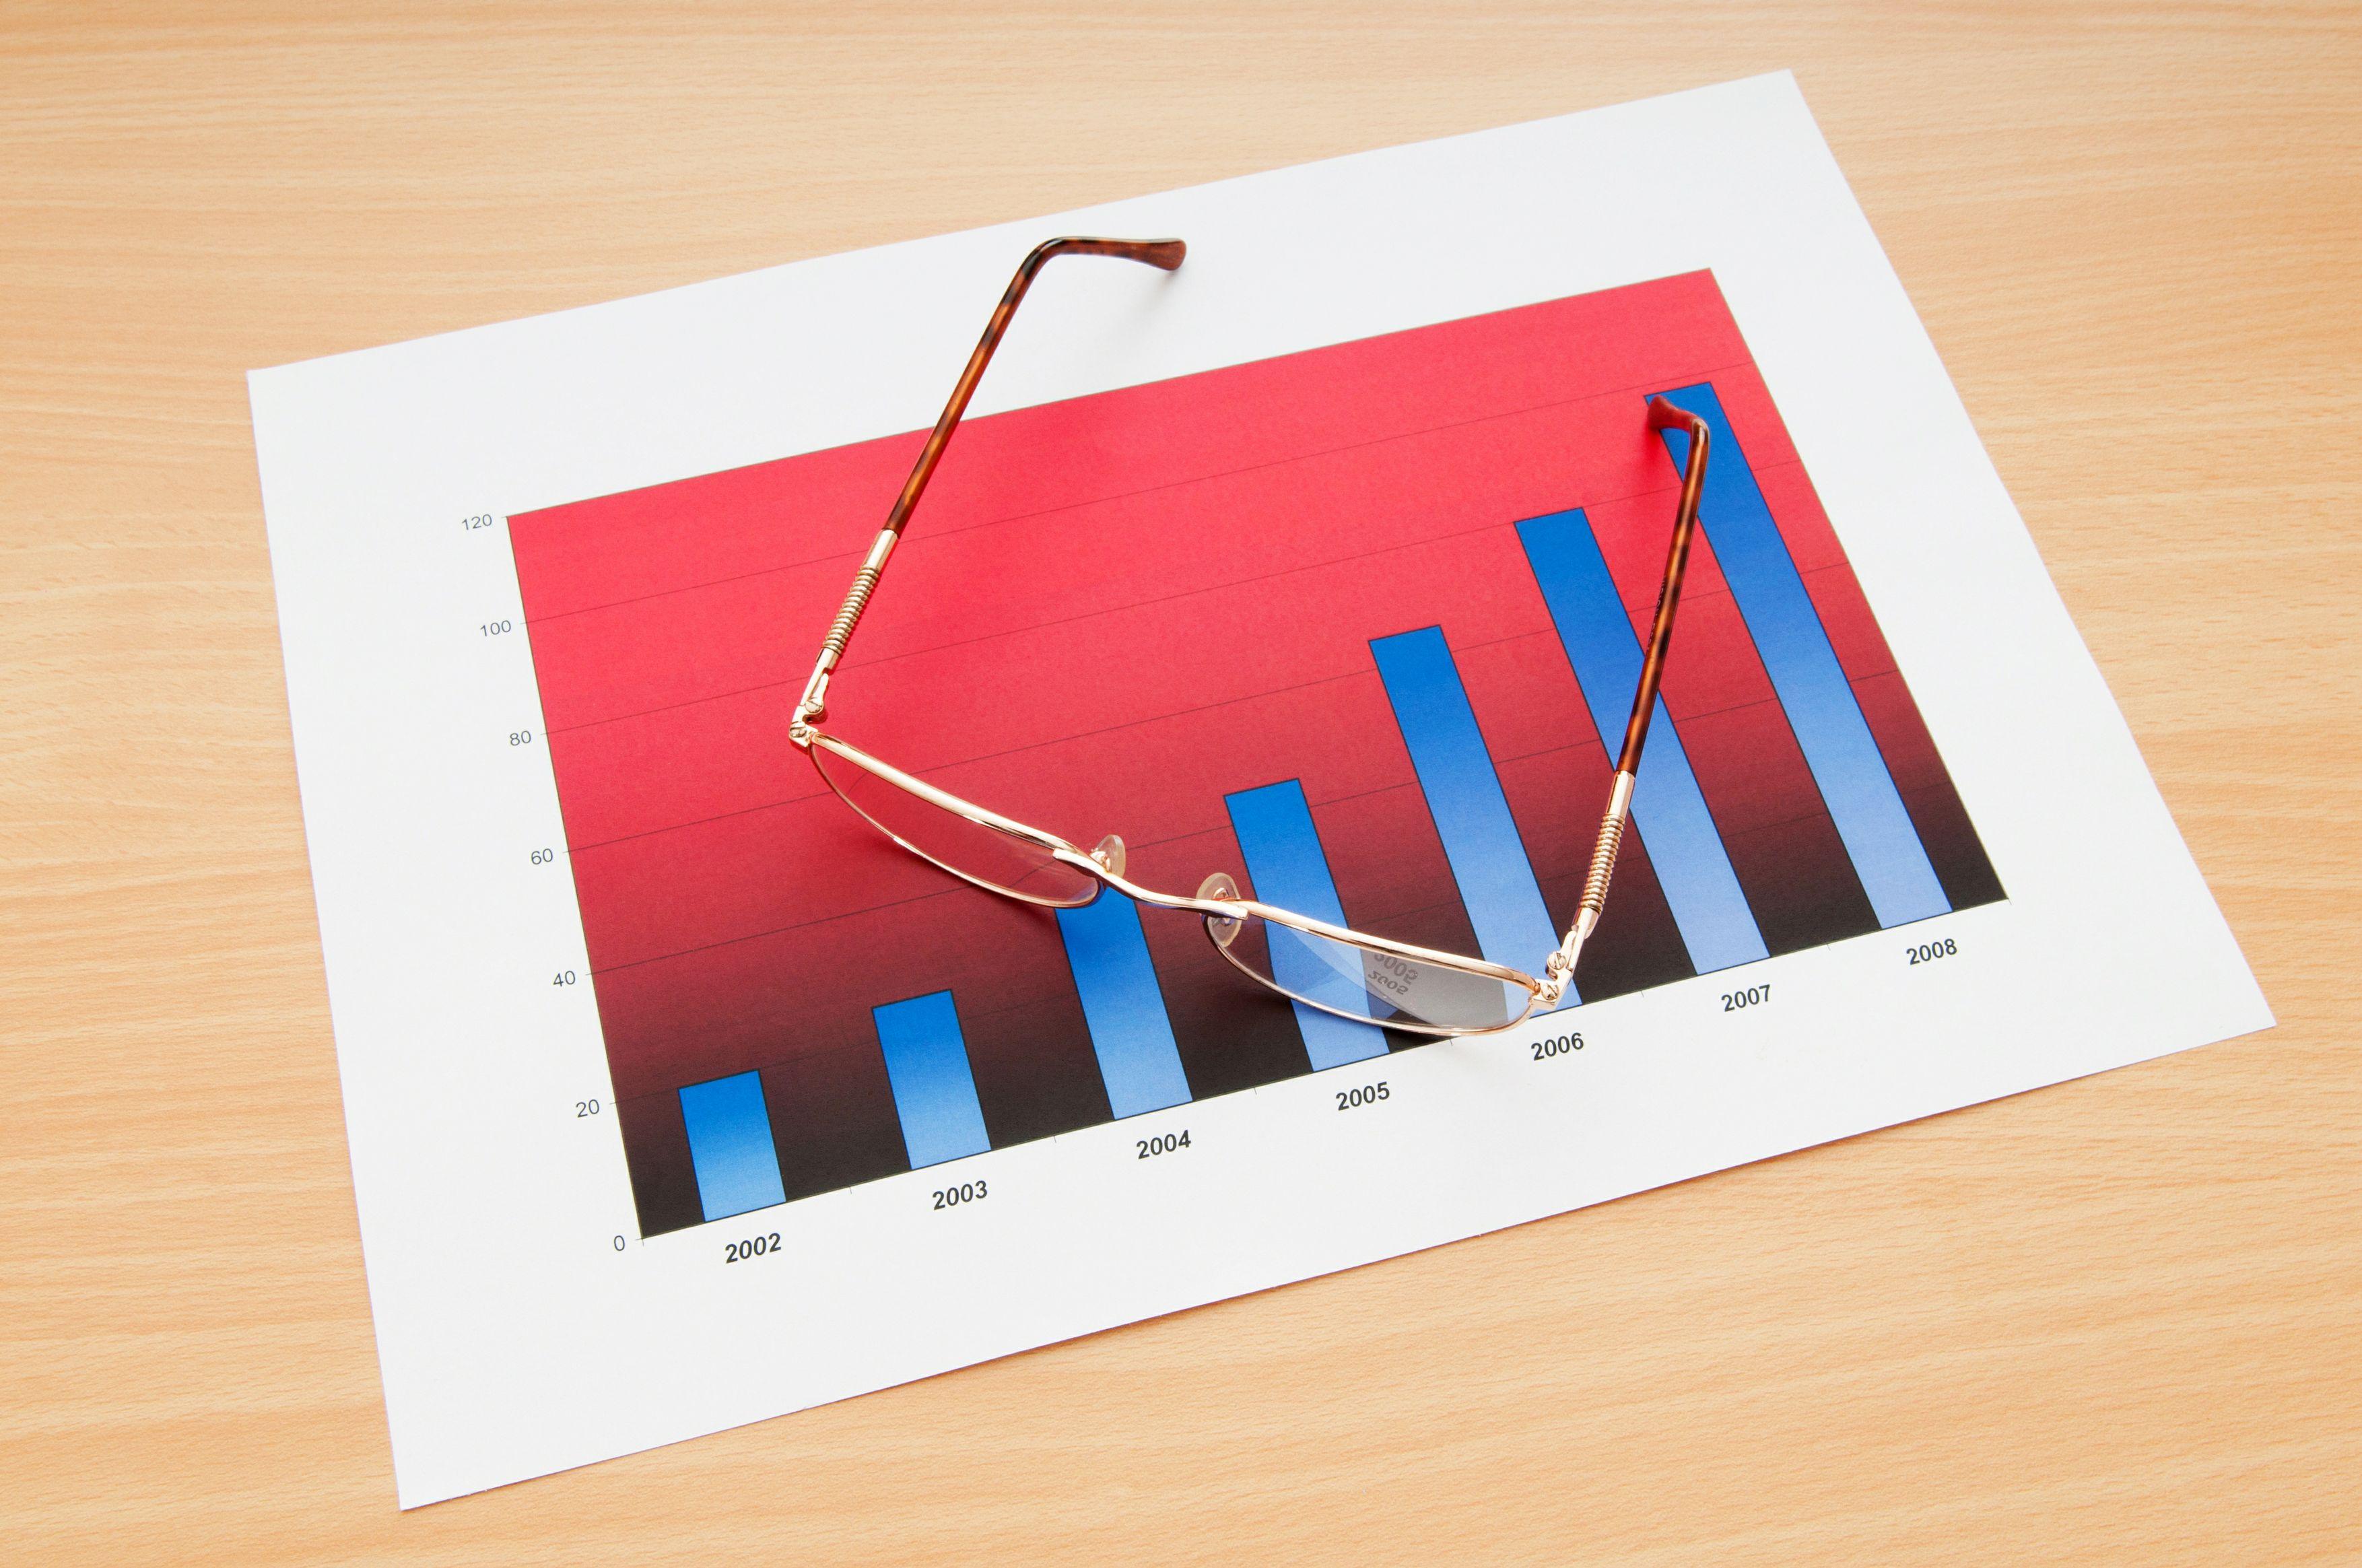 1月贸易数据点评:出口增速反弹,春节影响有多大